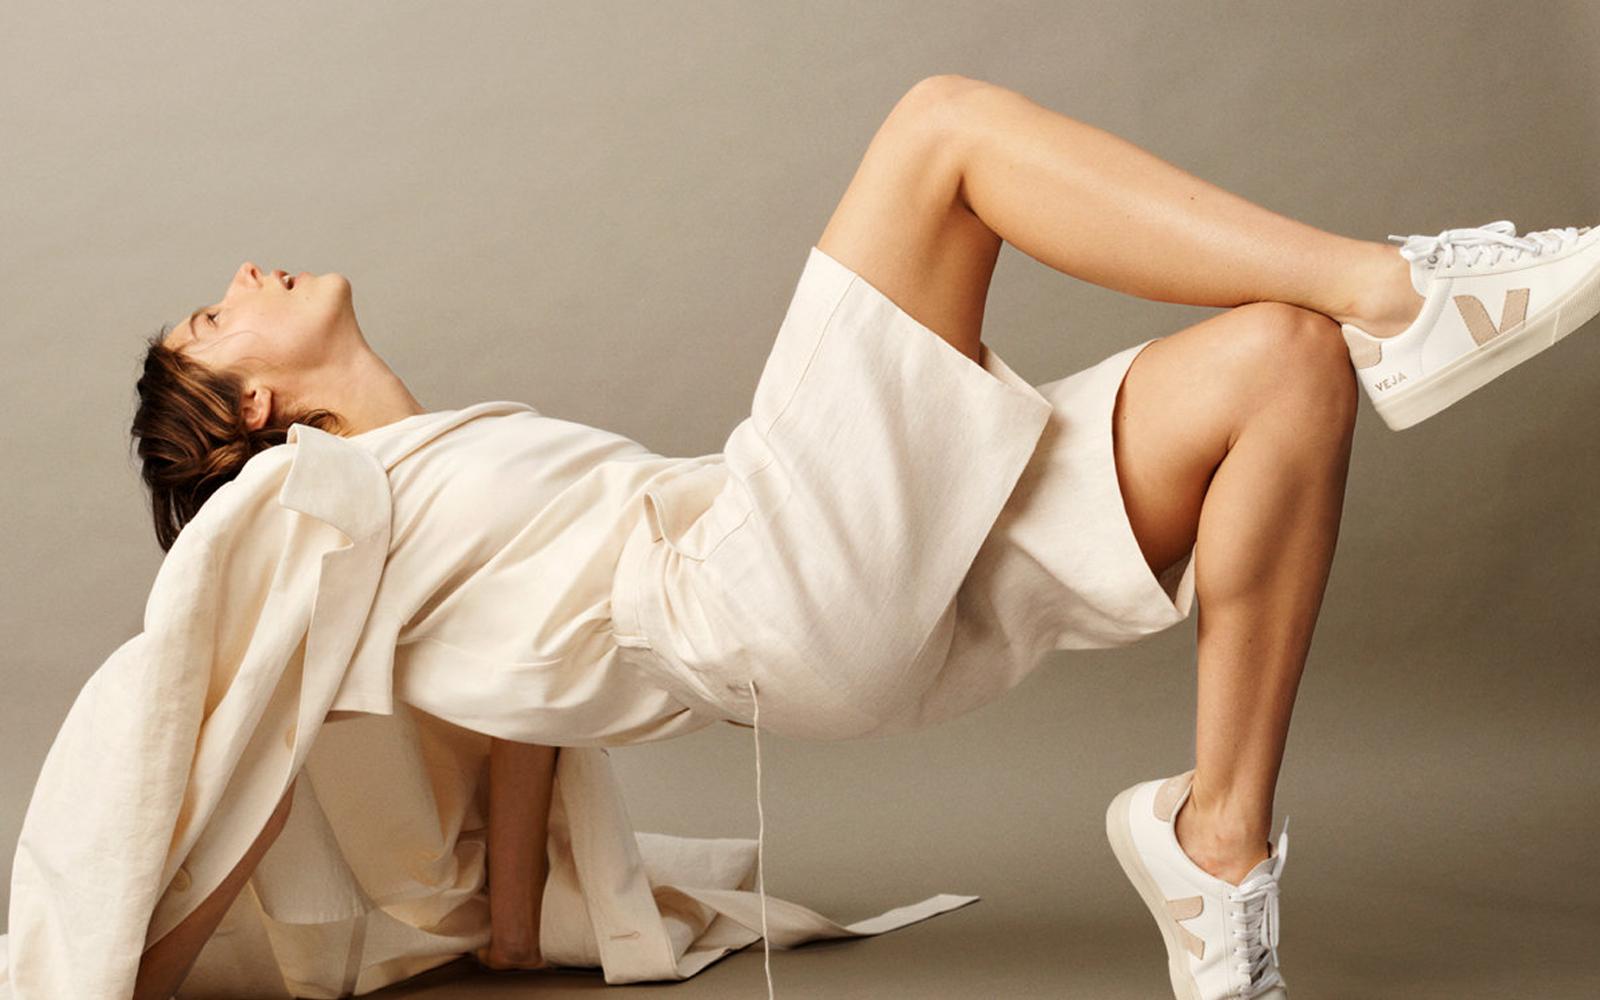 OATLY 递交招股书;考拉海购为女性用户推出按需定制的自有品牌;宝洁发布最新财季表现,SK-II 表现亮眼 品牌日报